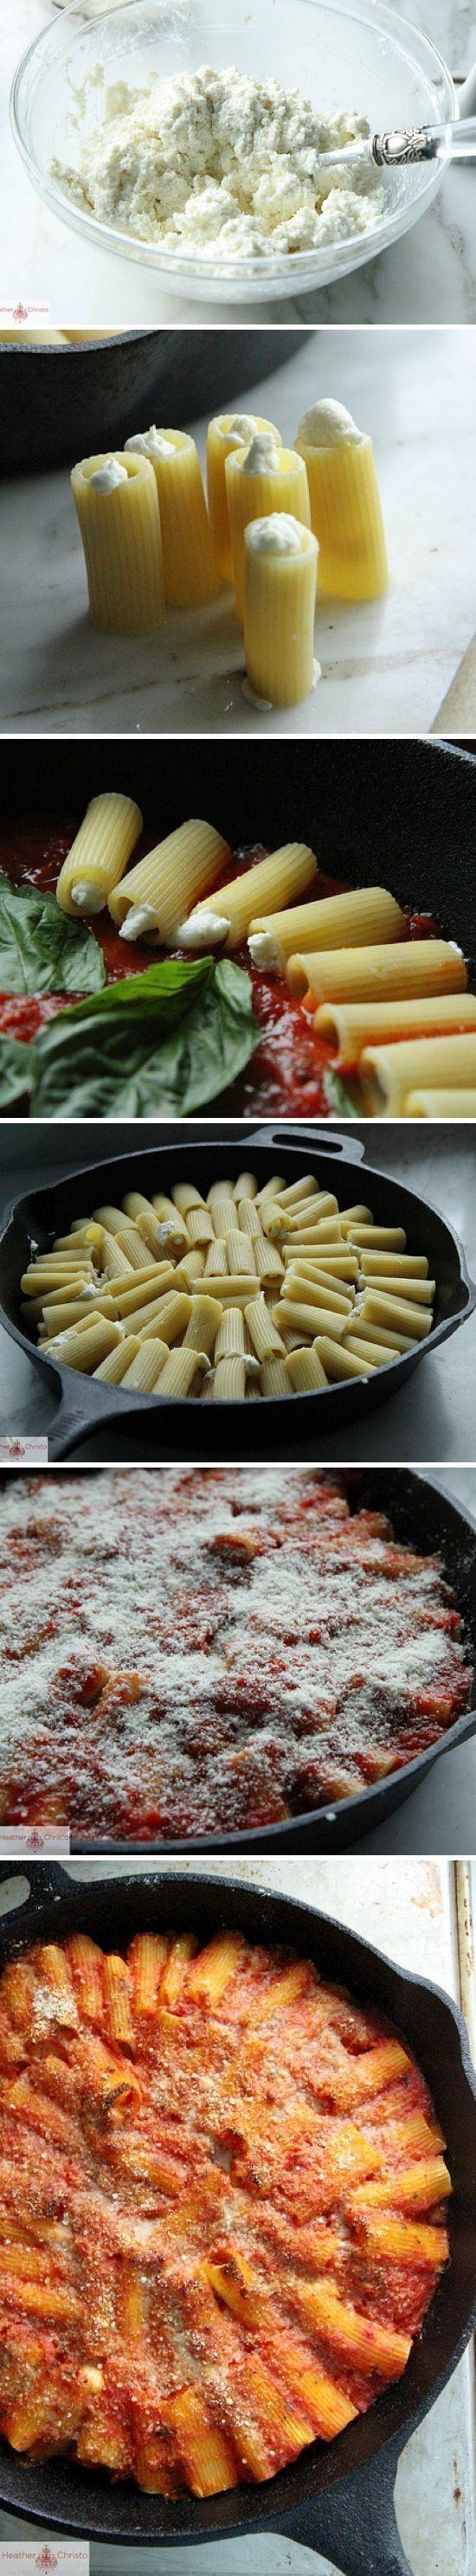 25+ best ideas about Stuffed rigatoni on Pinterest | Rigatoni recipes ...